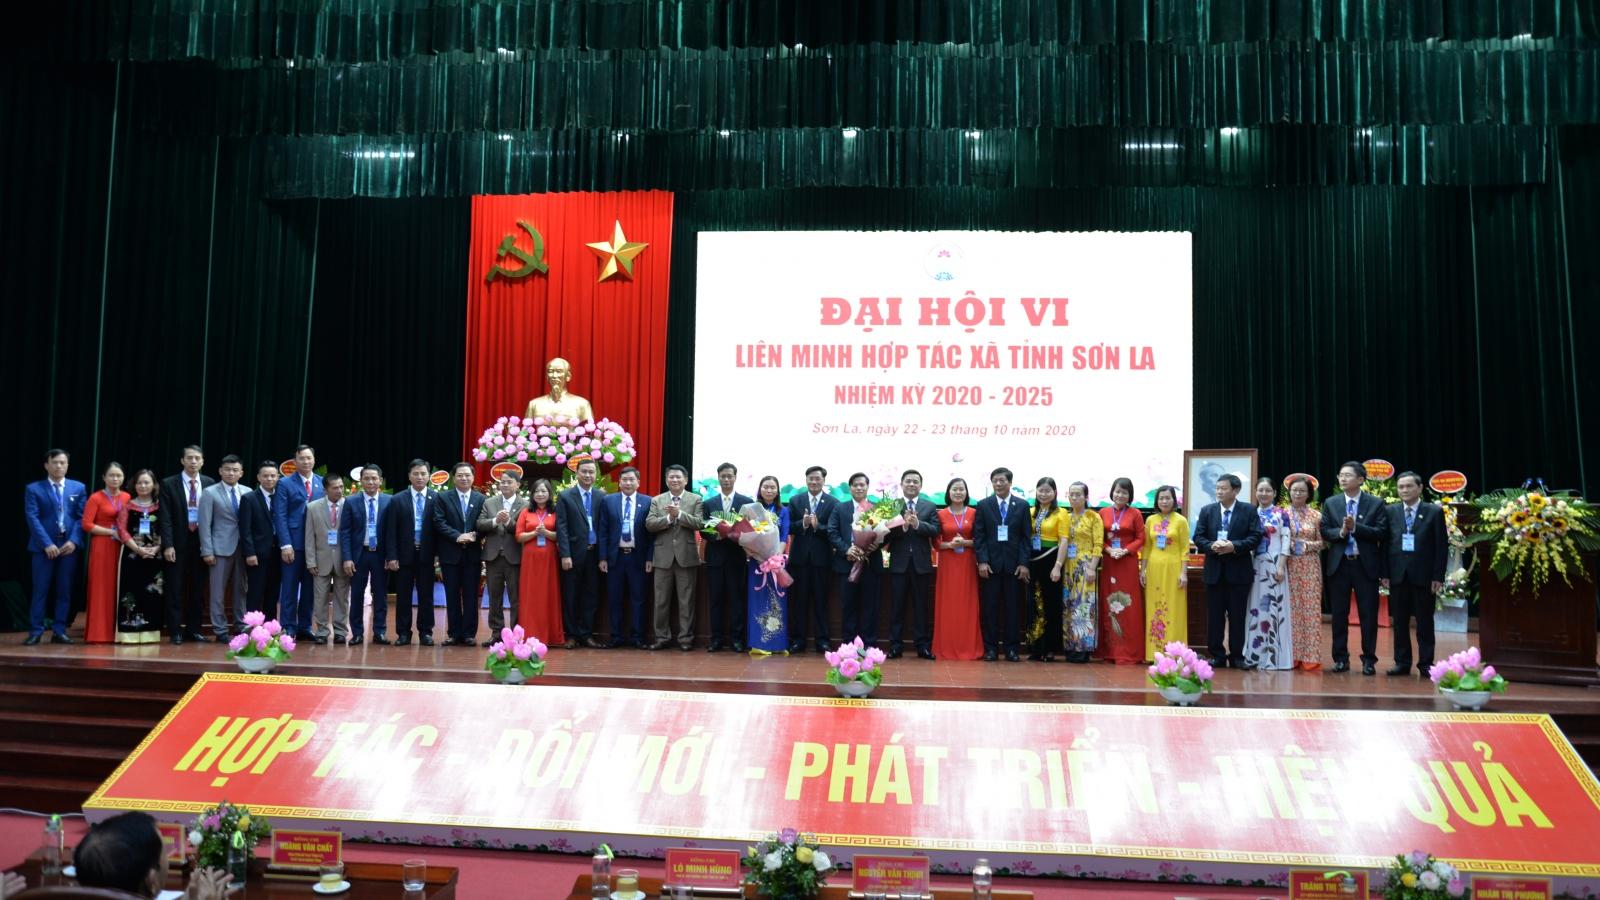 Ông Lê Tiến Lợi tái cử chức Chủ tịch Liên minh HTX tỉnh Sơn La